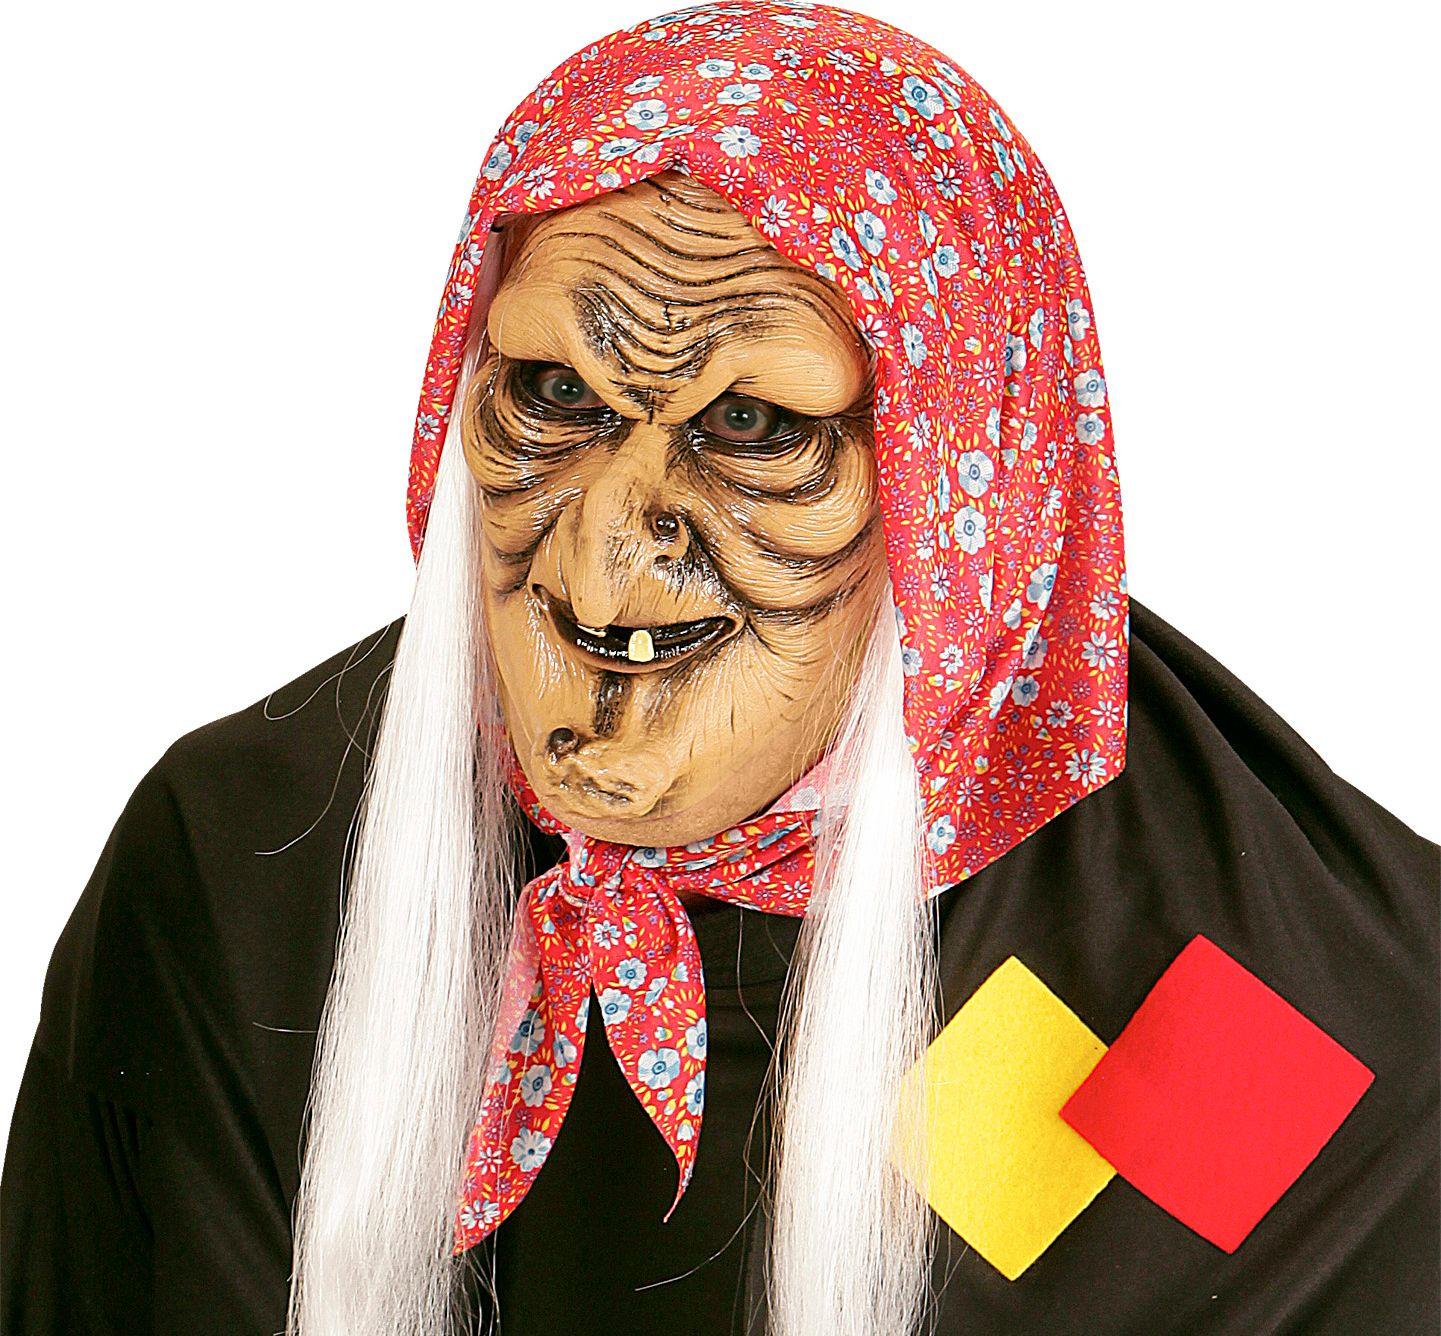 Heksen masker